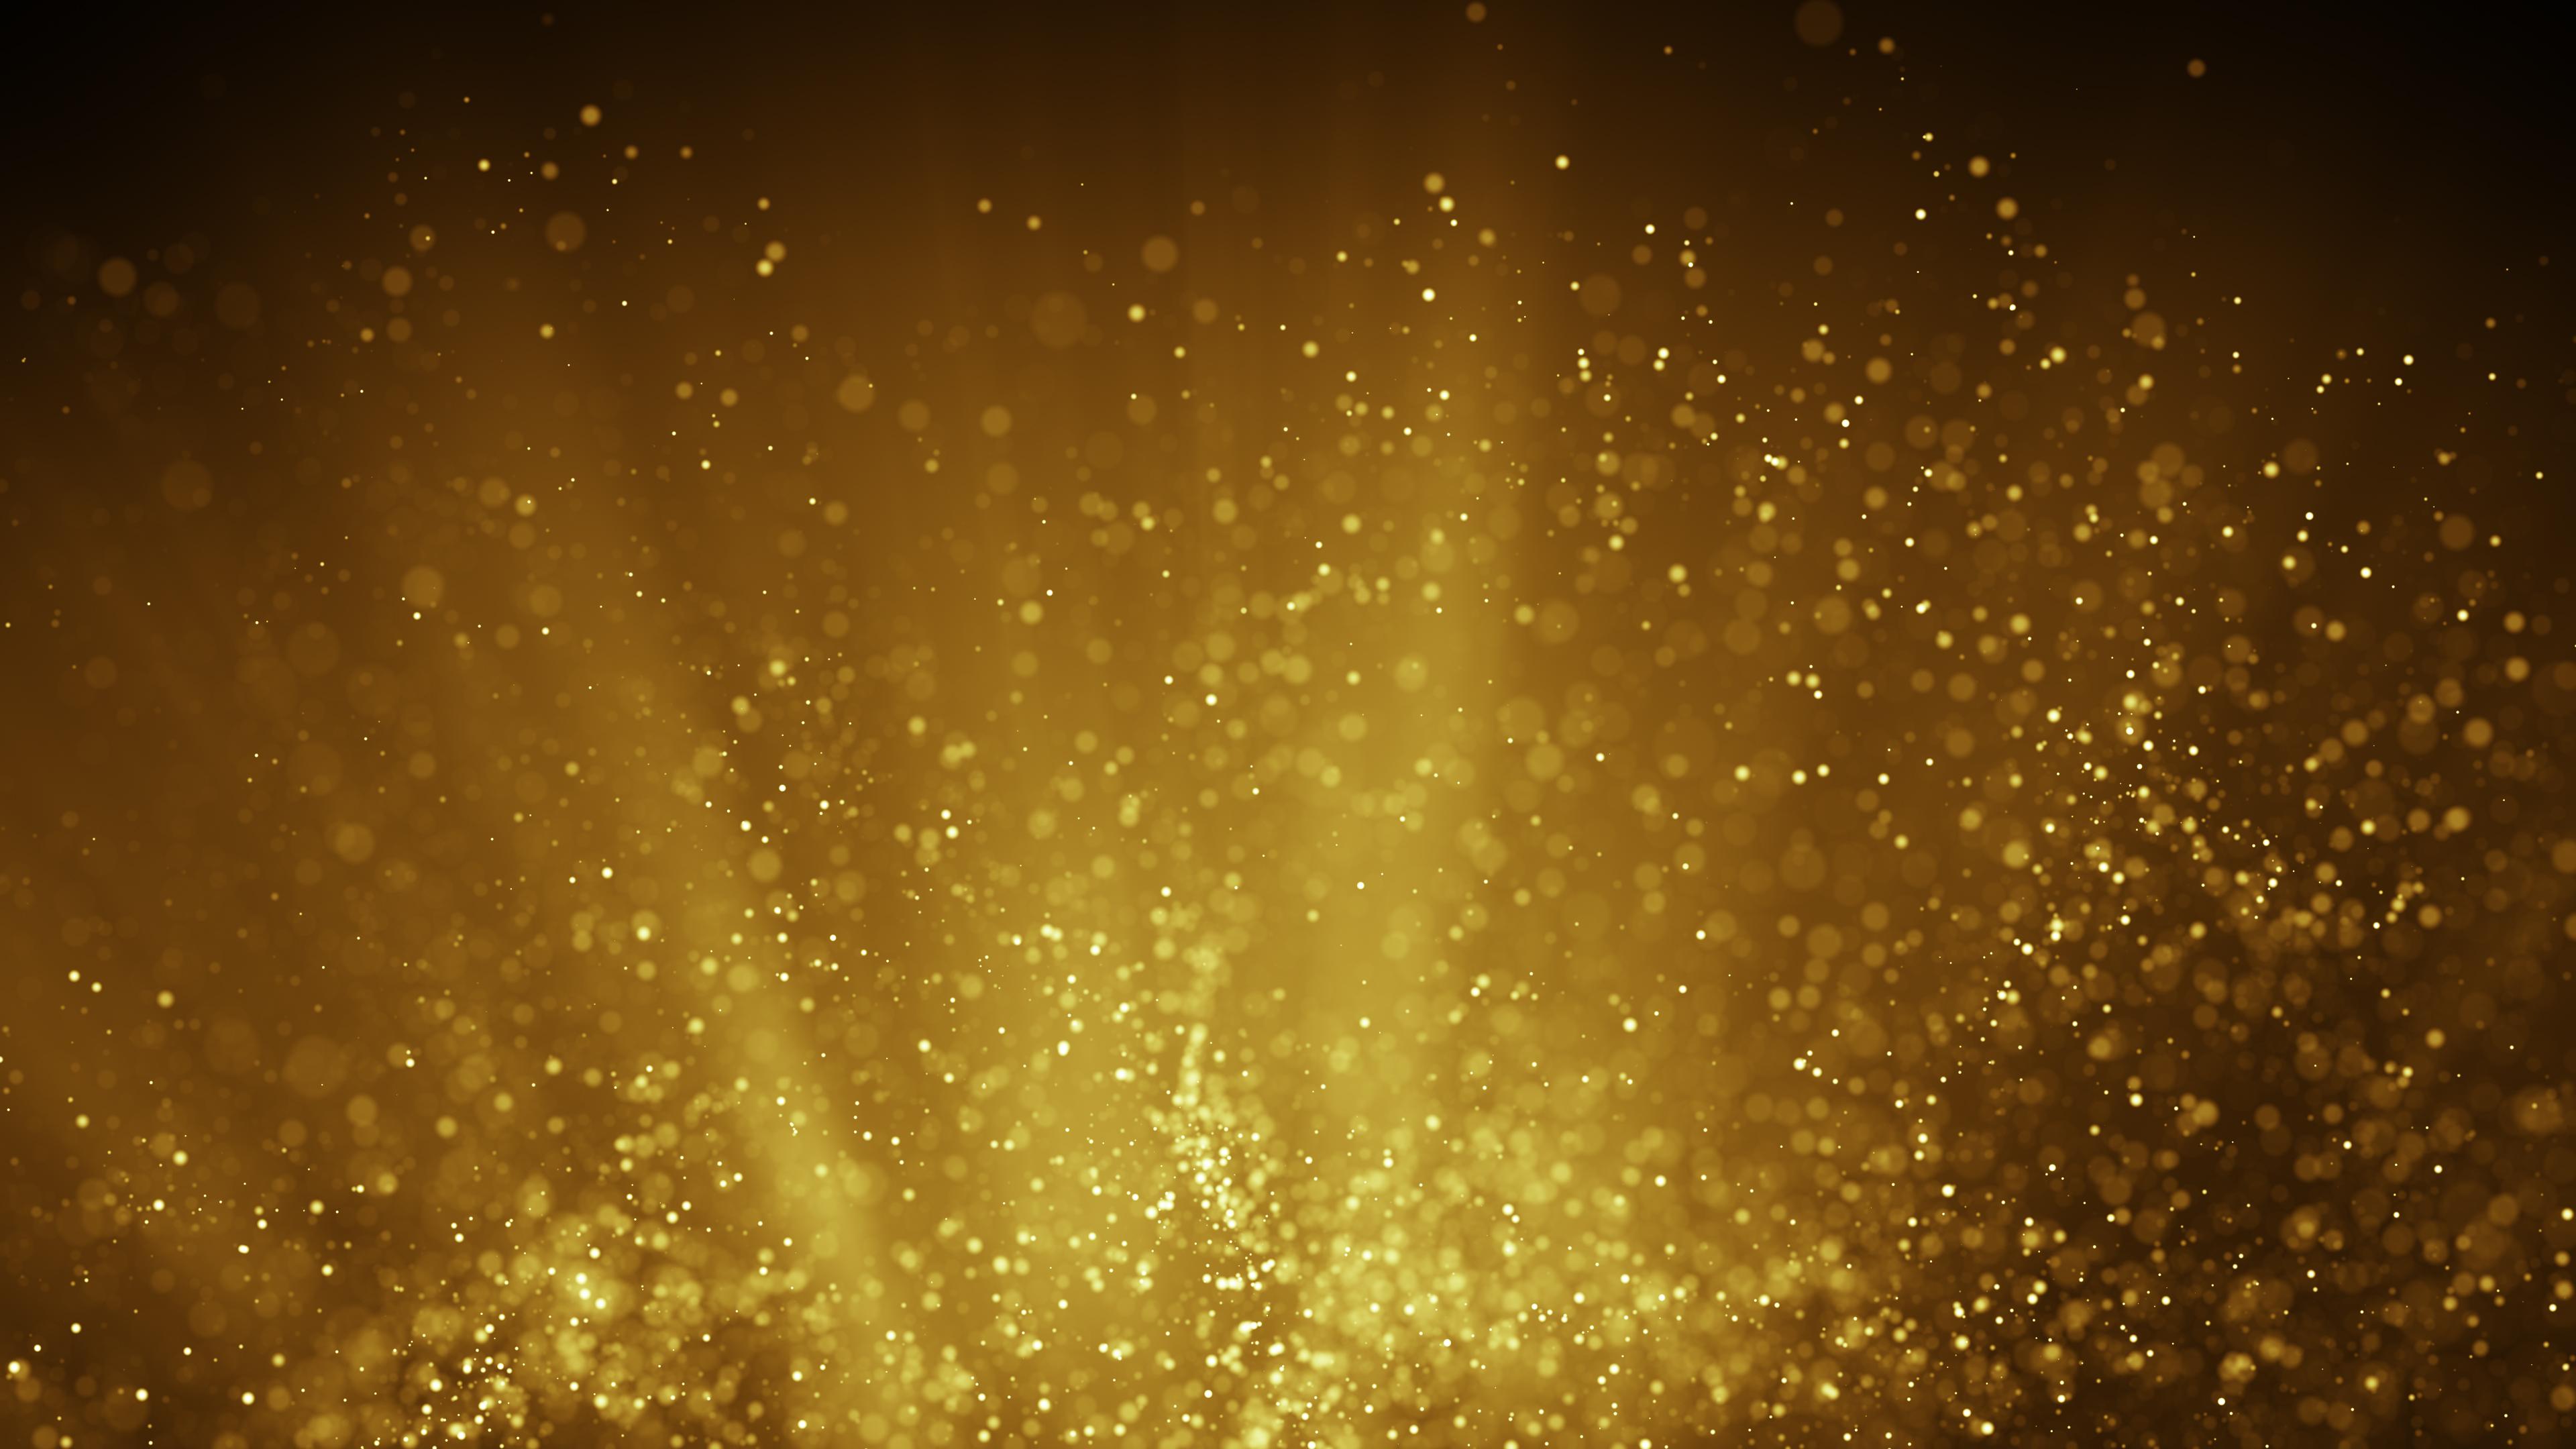 Altın ışık ışınlarında uçan peri tozu. Bilgisayar oluşturulan soyut raster illüstrasyon